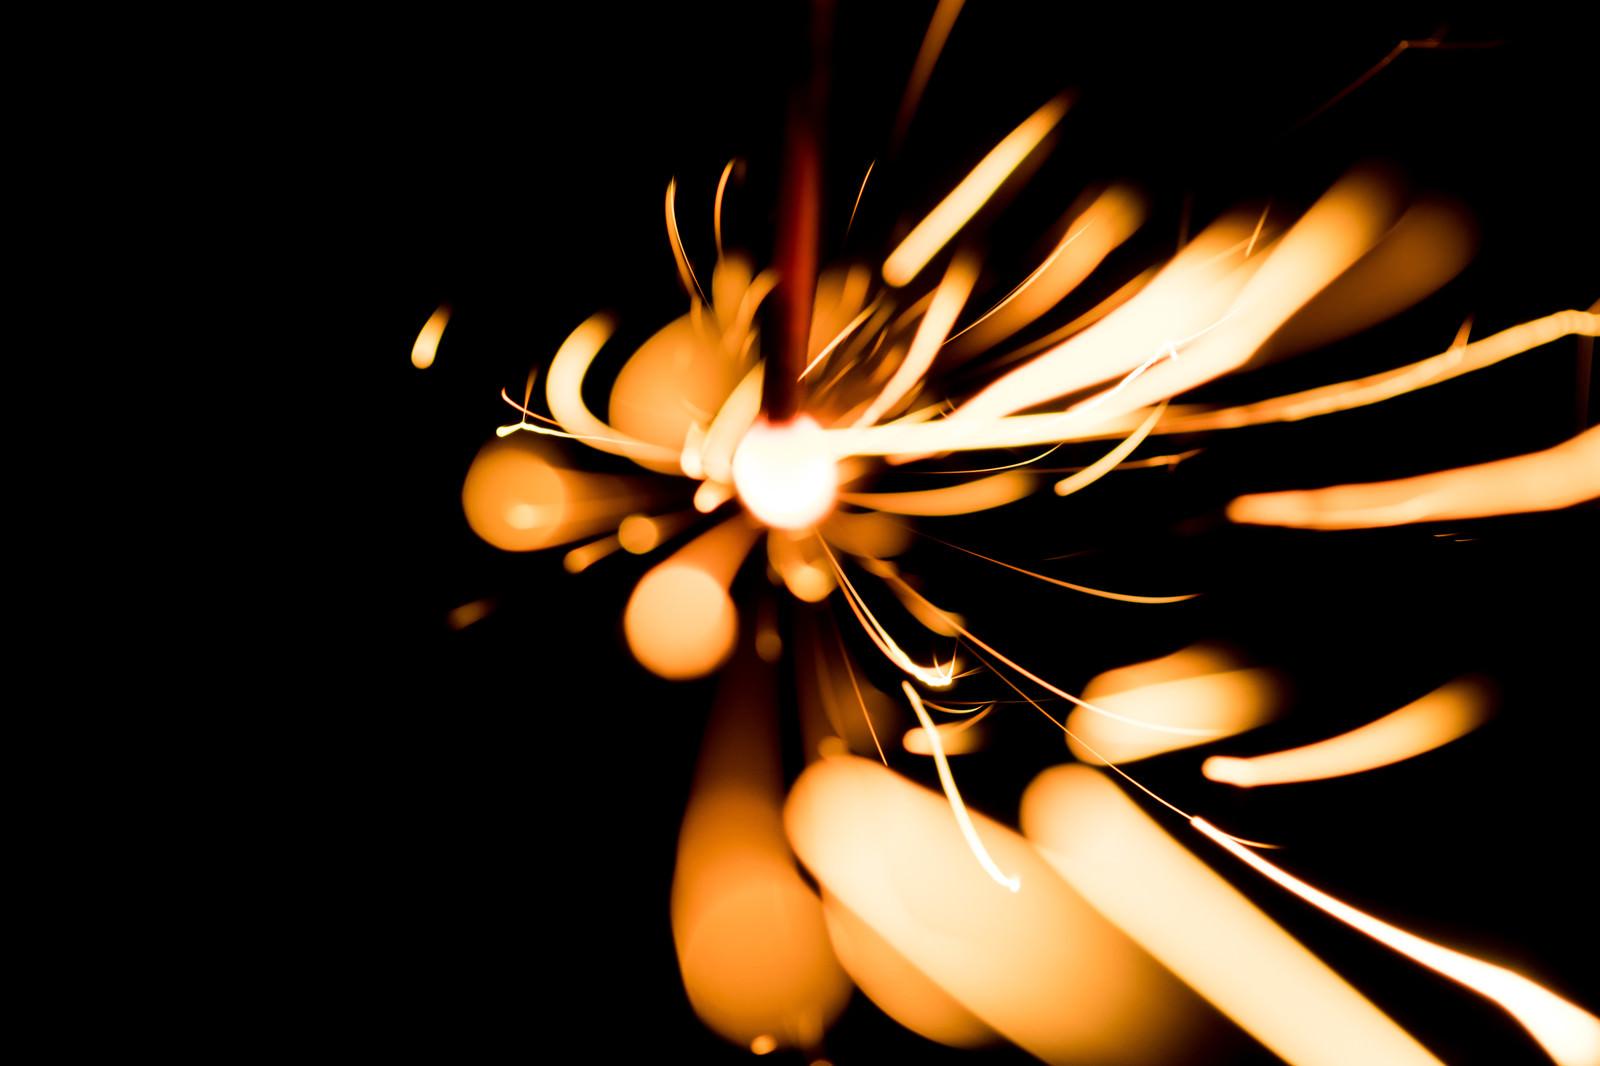 「飛び散る光跡の様子飛び散る光跡の様子」のフリー写真素材を拡大